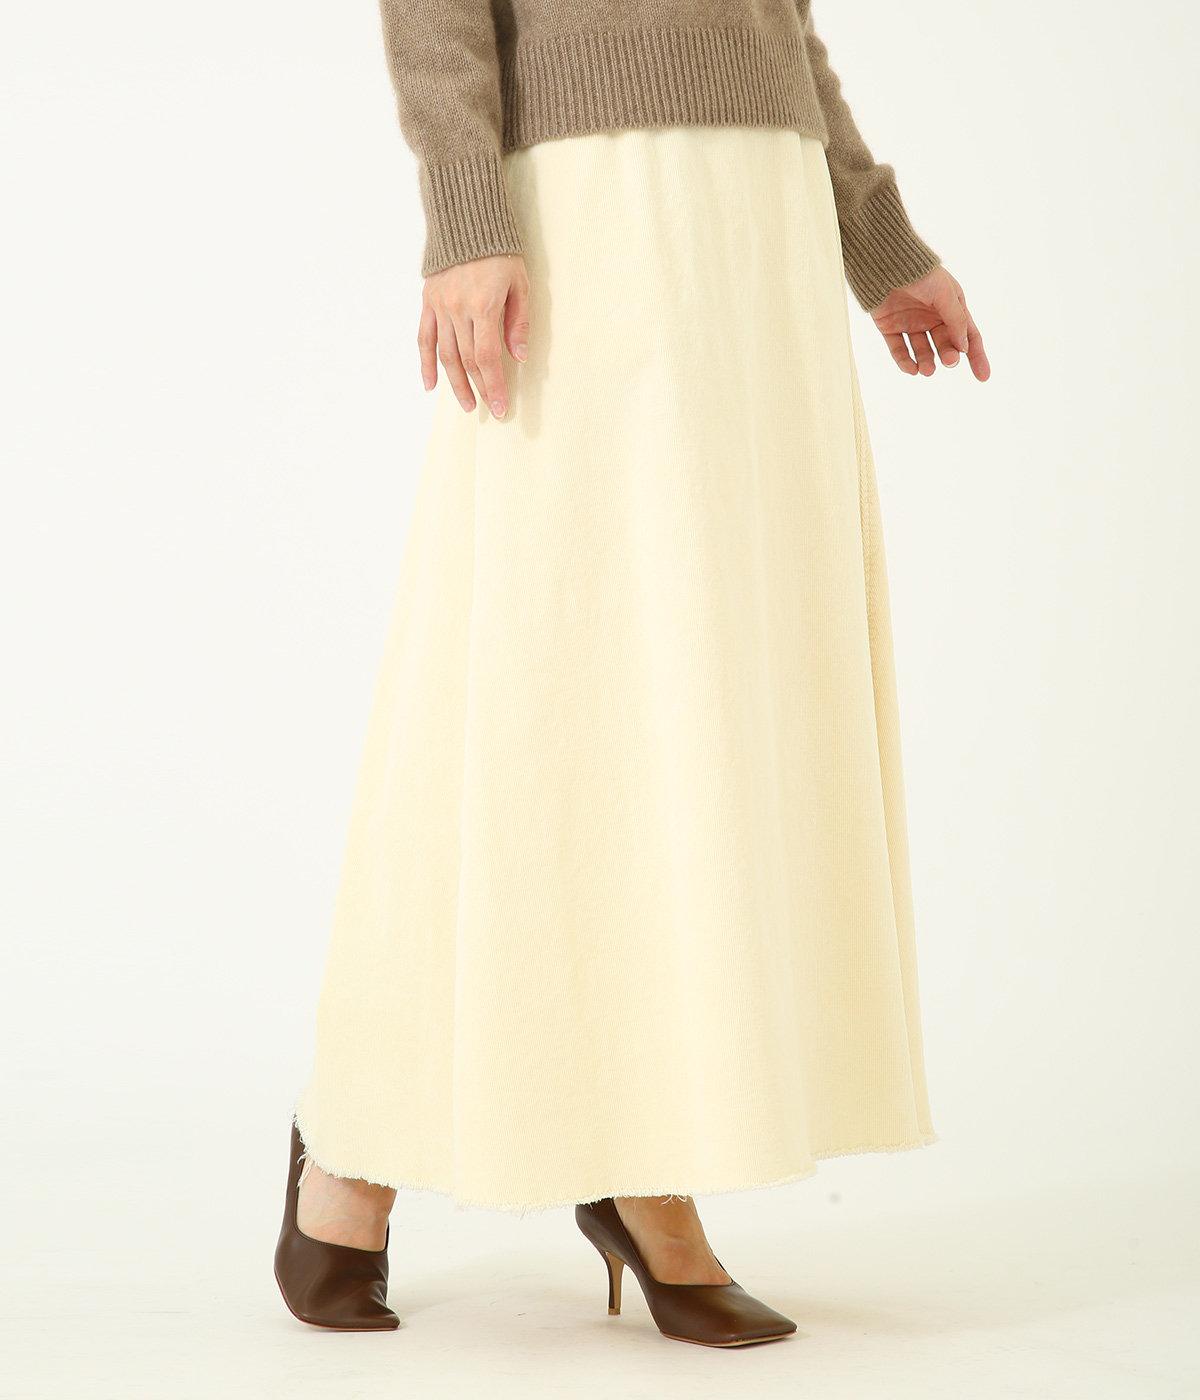 【レディース】コーデュロイスカート